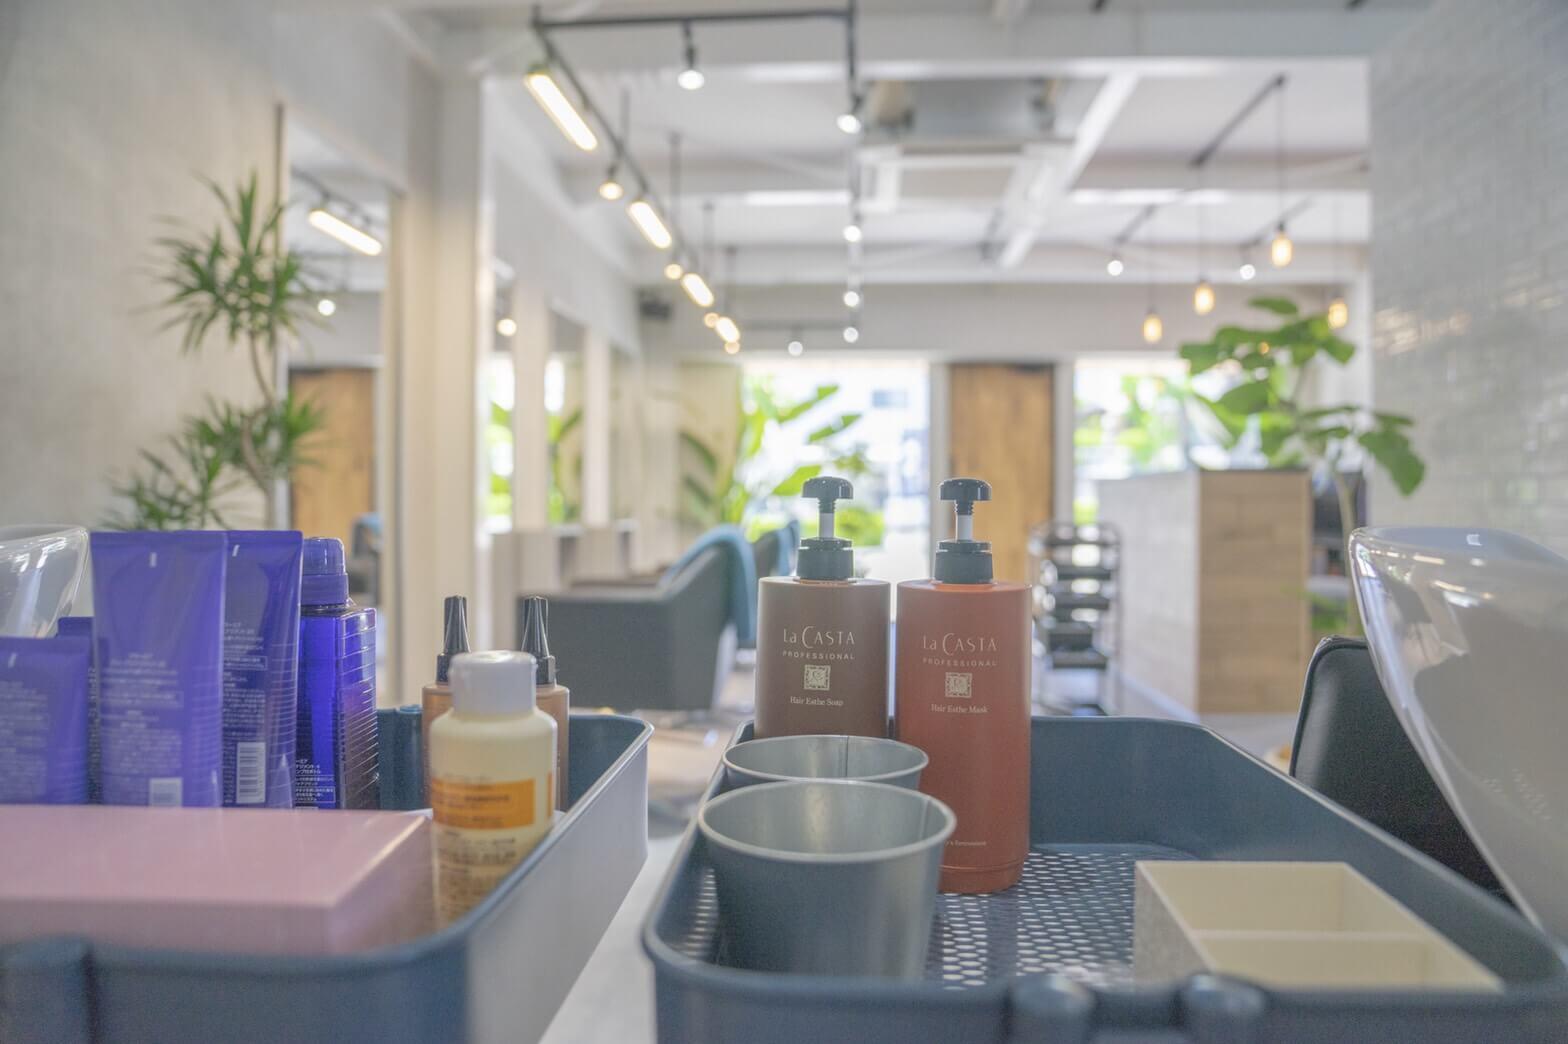 IMG_0218 サロンの店舗デザインで悩んでいる方必見!内装のアイデアの幅出しをお手伝いします!